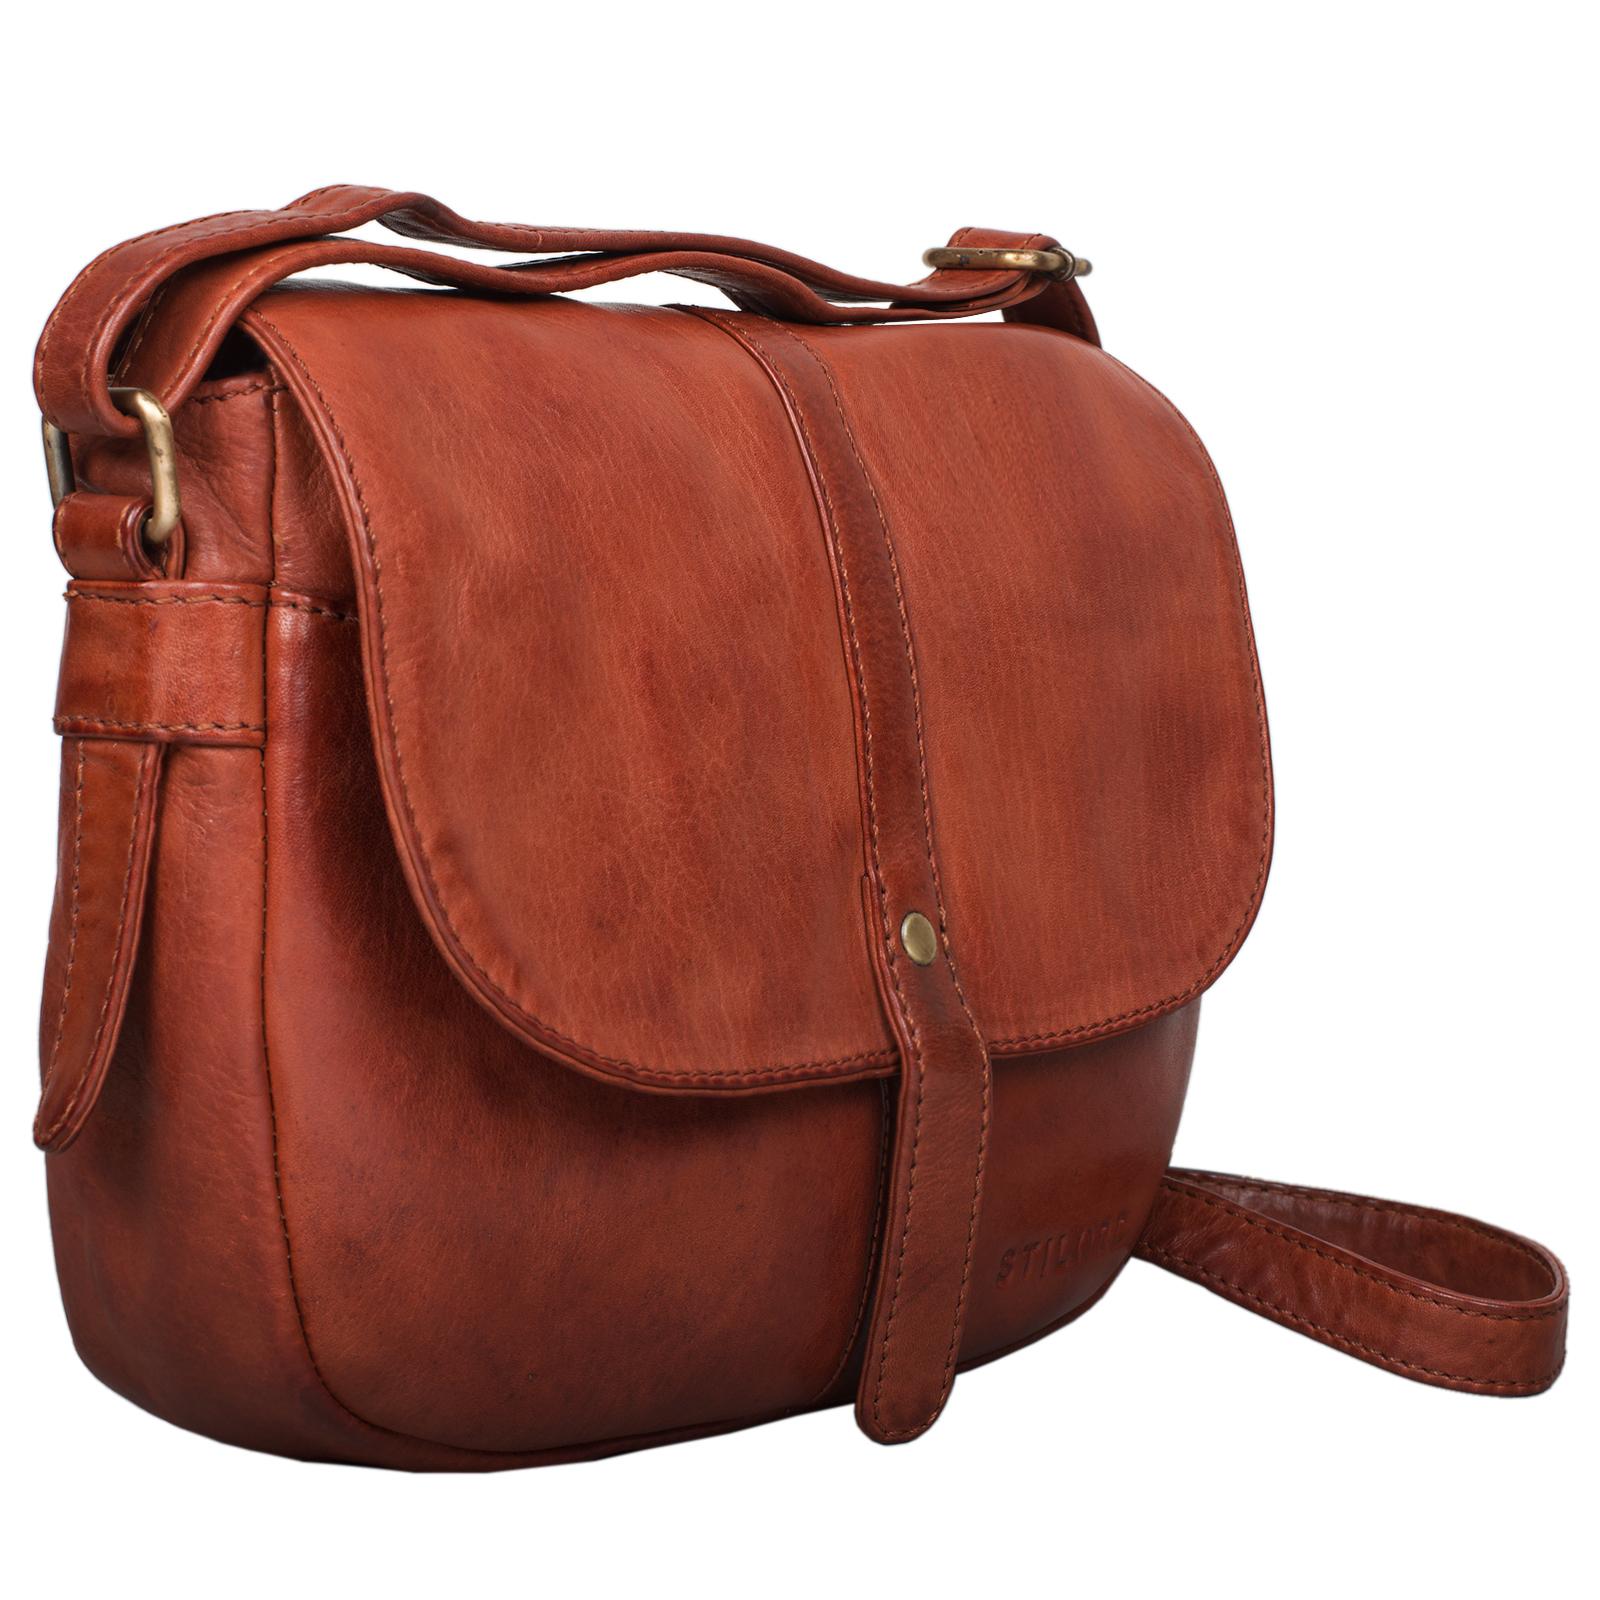 Vintage Leder Handtasche für Damen